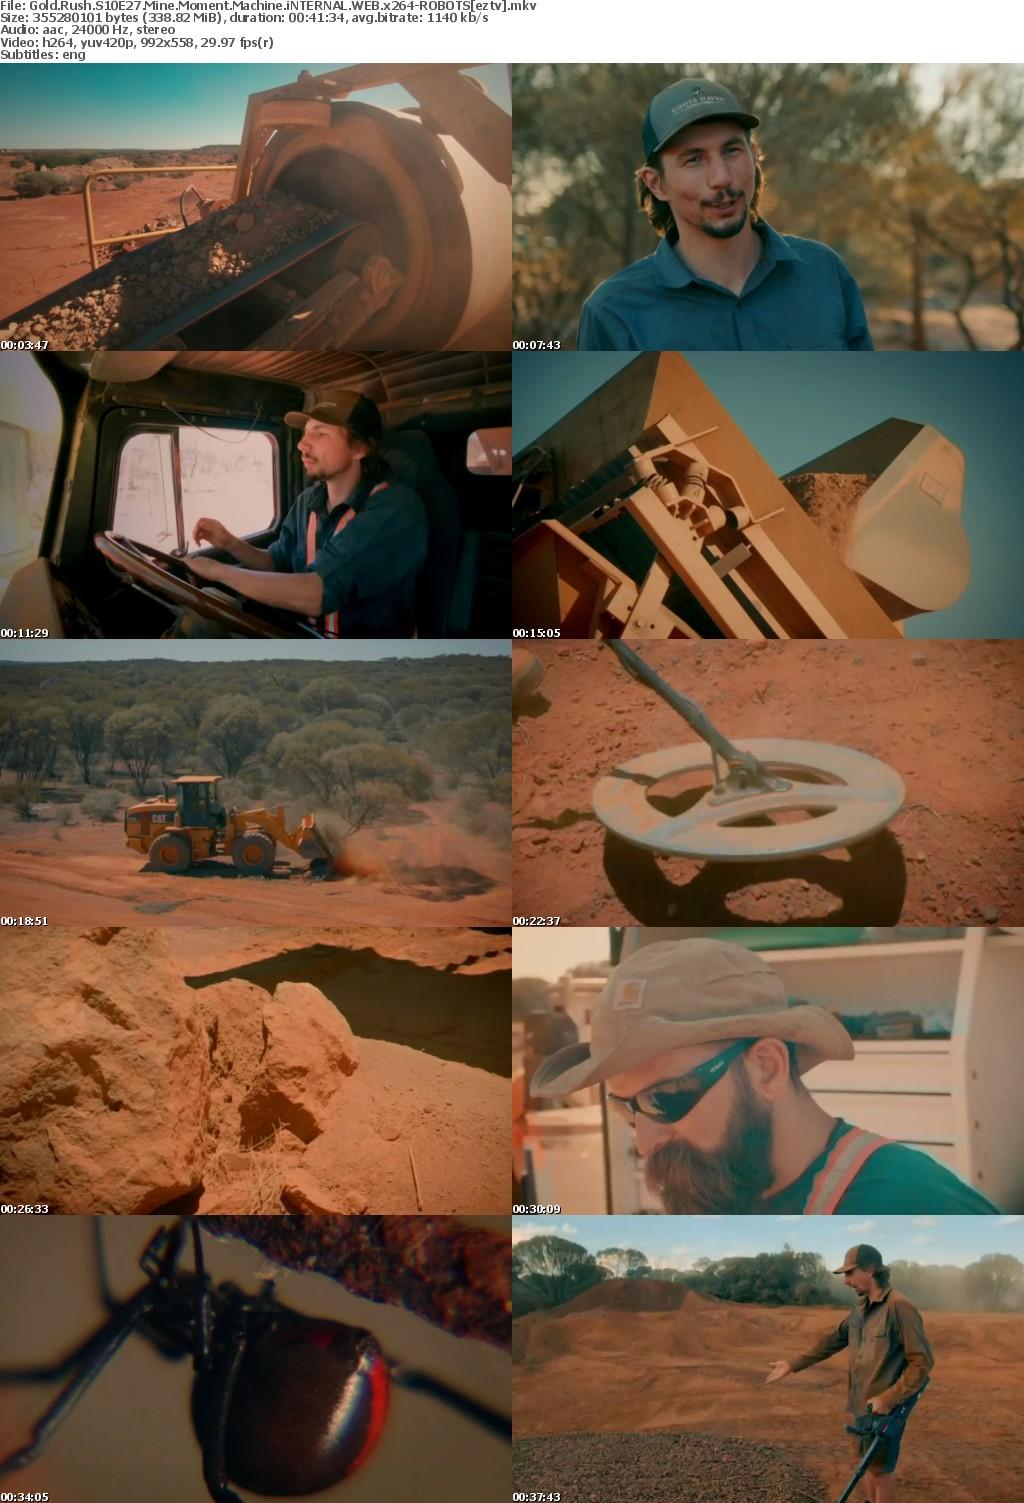 Gold Rush S10E27 Mine Moment Machine iNTERNAL WEB x264-ROBOTS